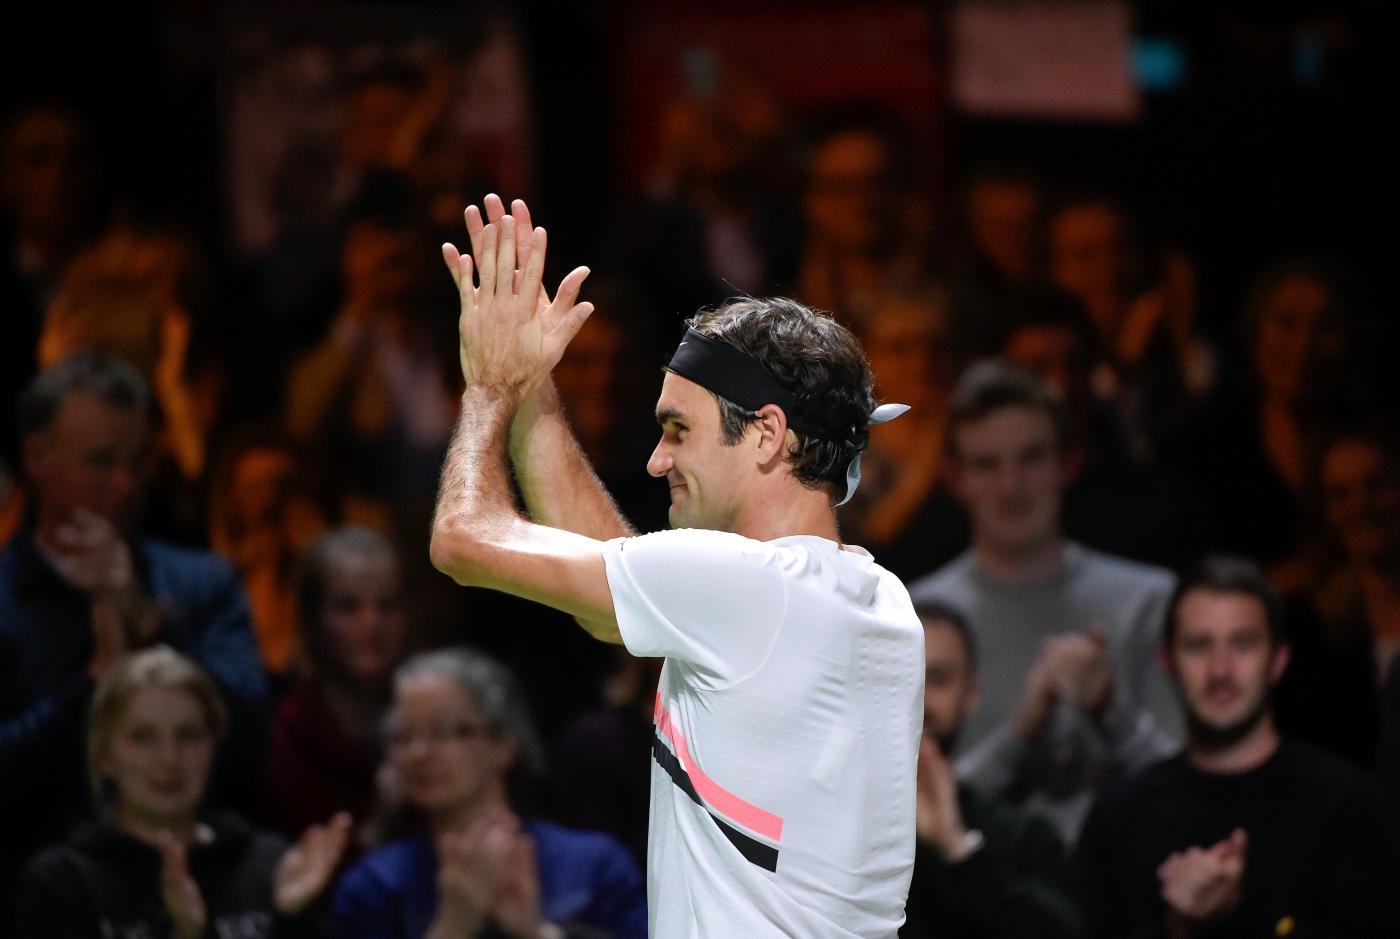 Tennis – Roger Federer ha annunciato che non parteciperà all'ATP di Dubai. Il tennista svizzero ha motivato la sua scelta con la volontà di passare del tempo in più con la sua famiglia. Nadal vincendo ad Acapulco continuerà comunque ad essere secondo in classifica (AFP/LaPresse)